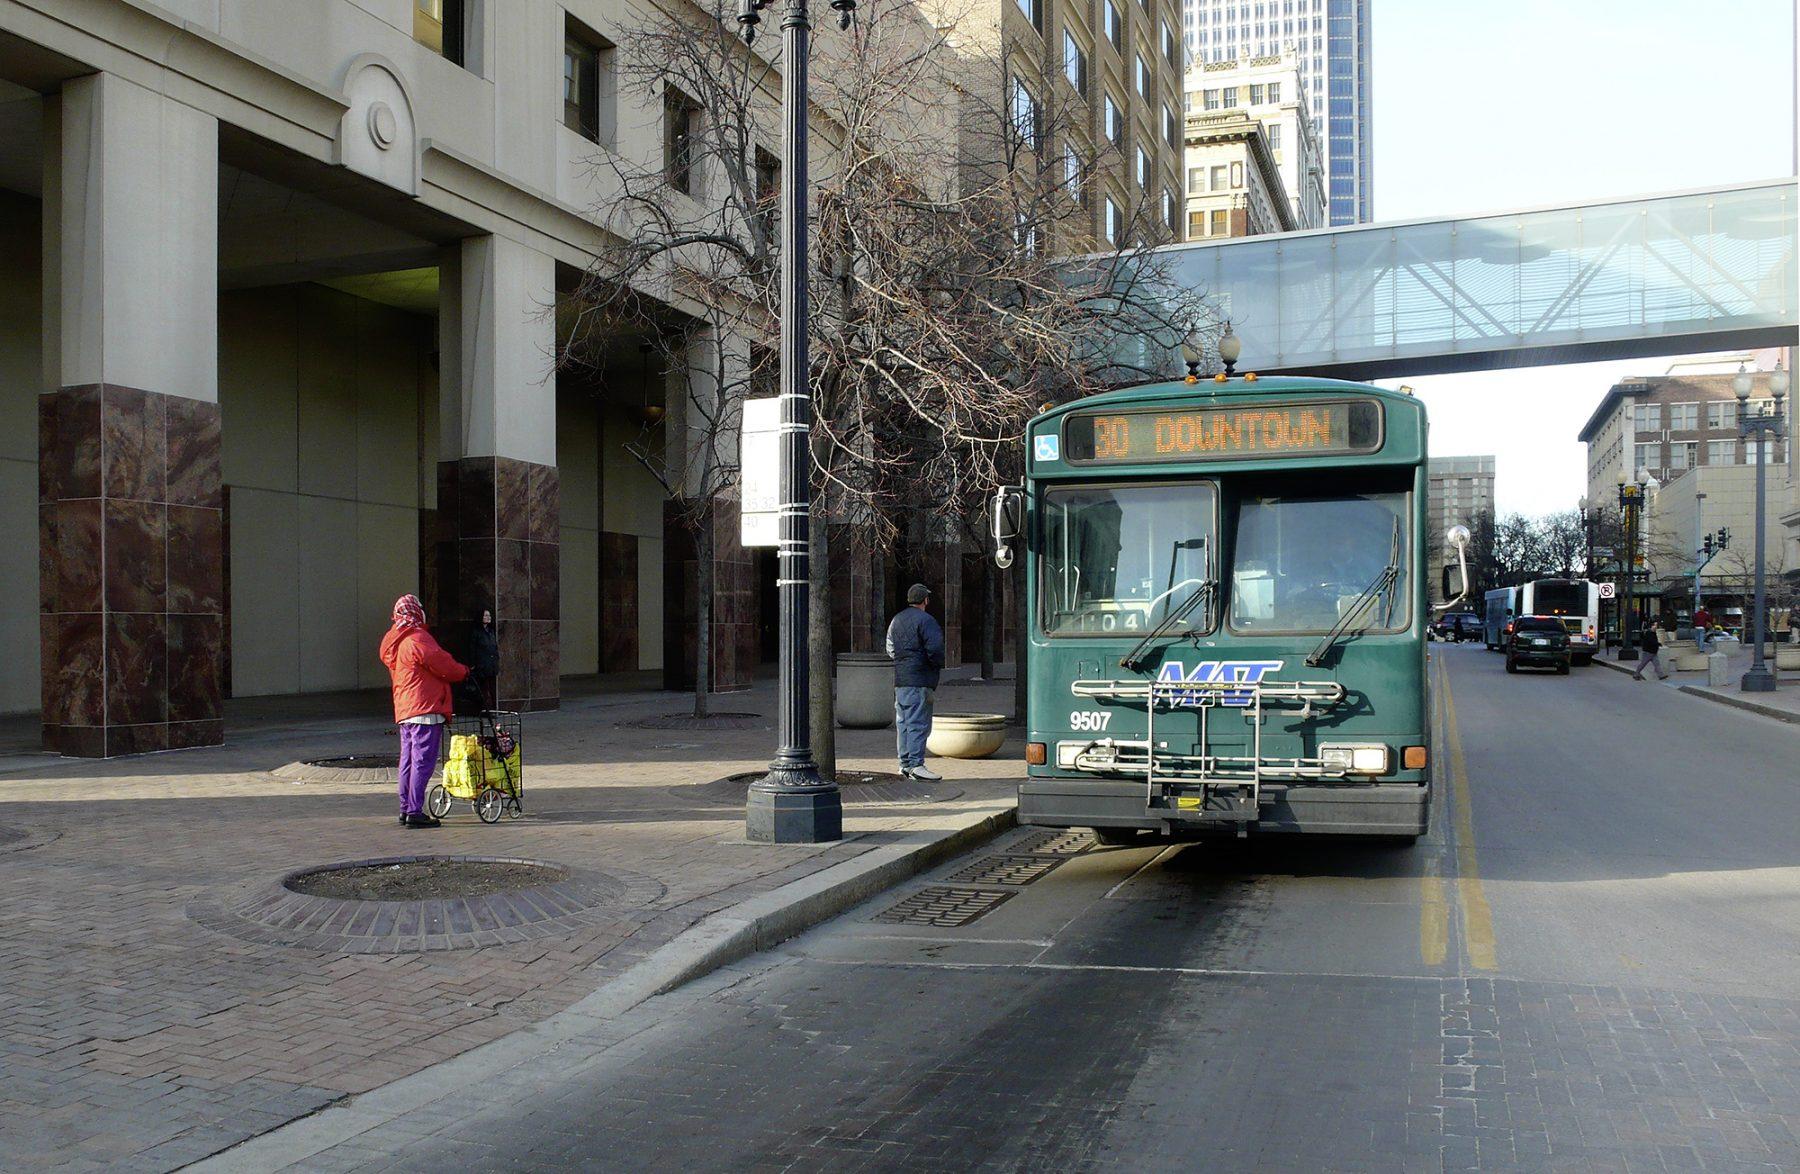 Downtownbus